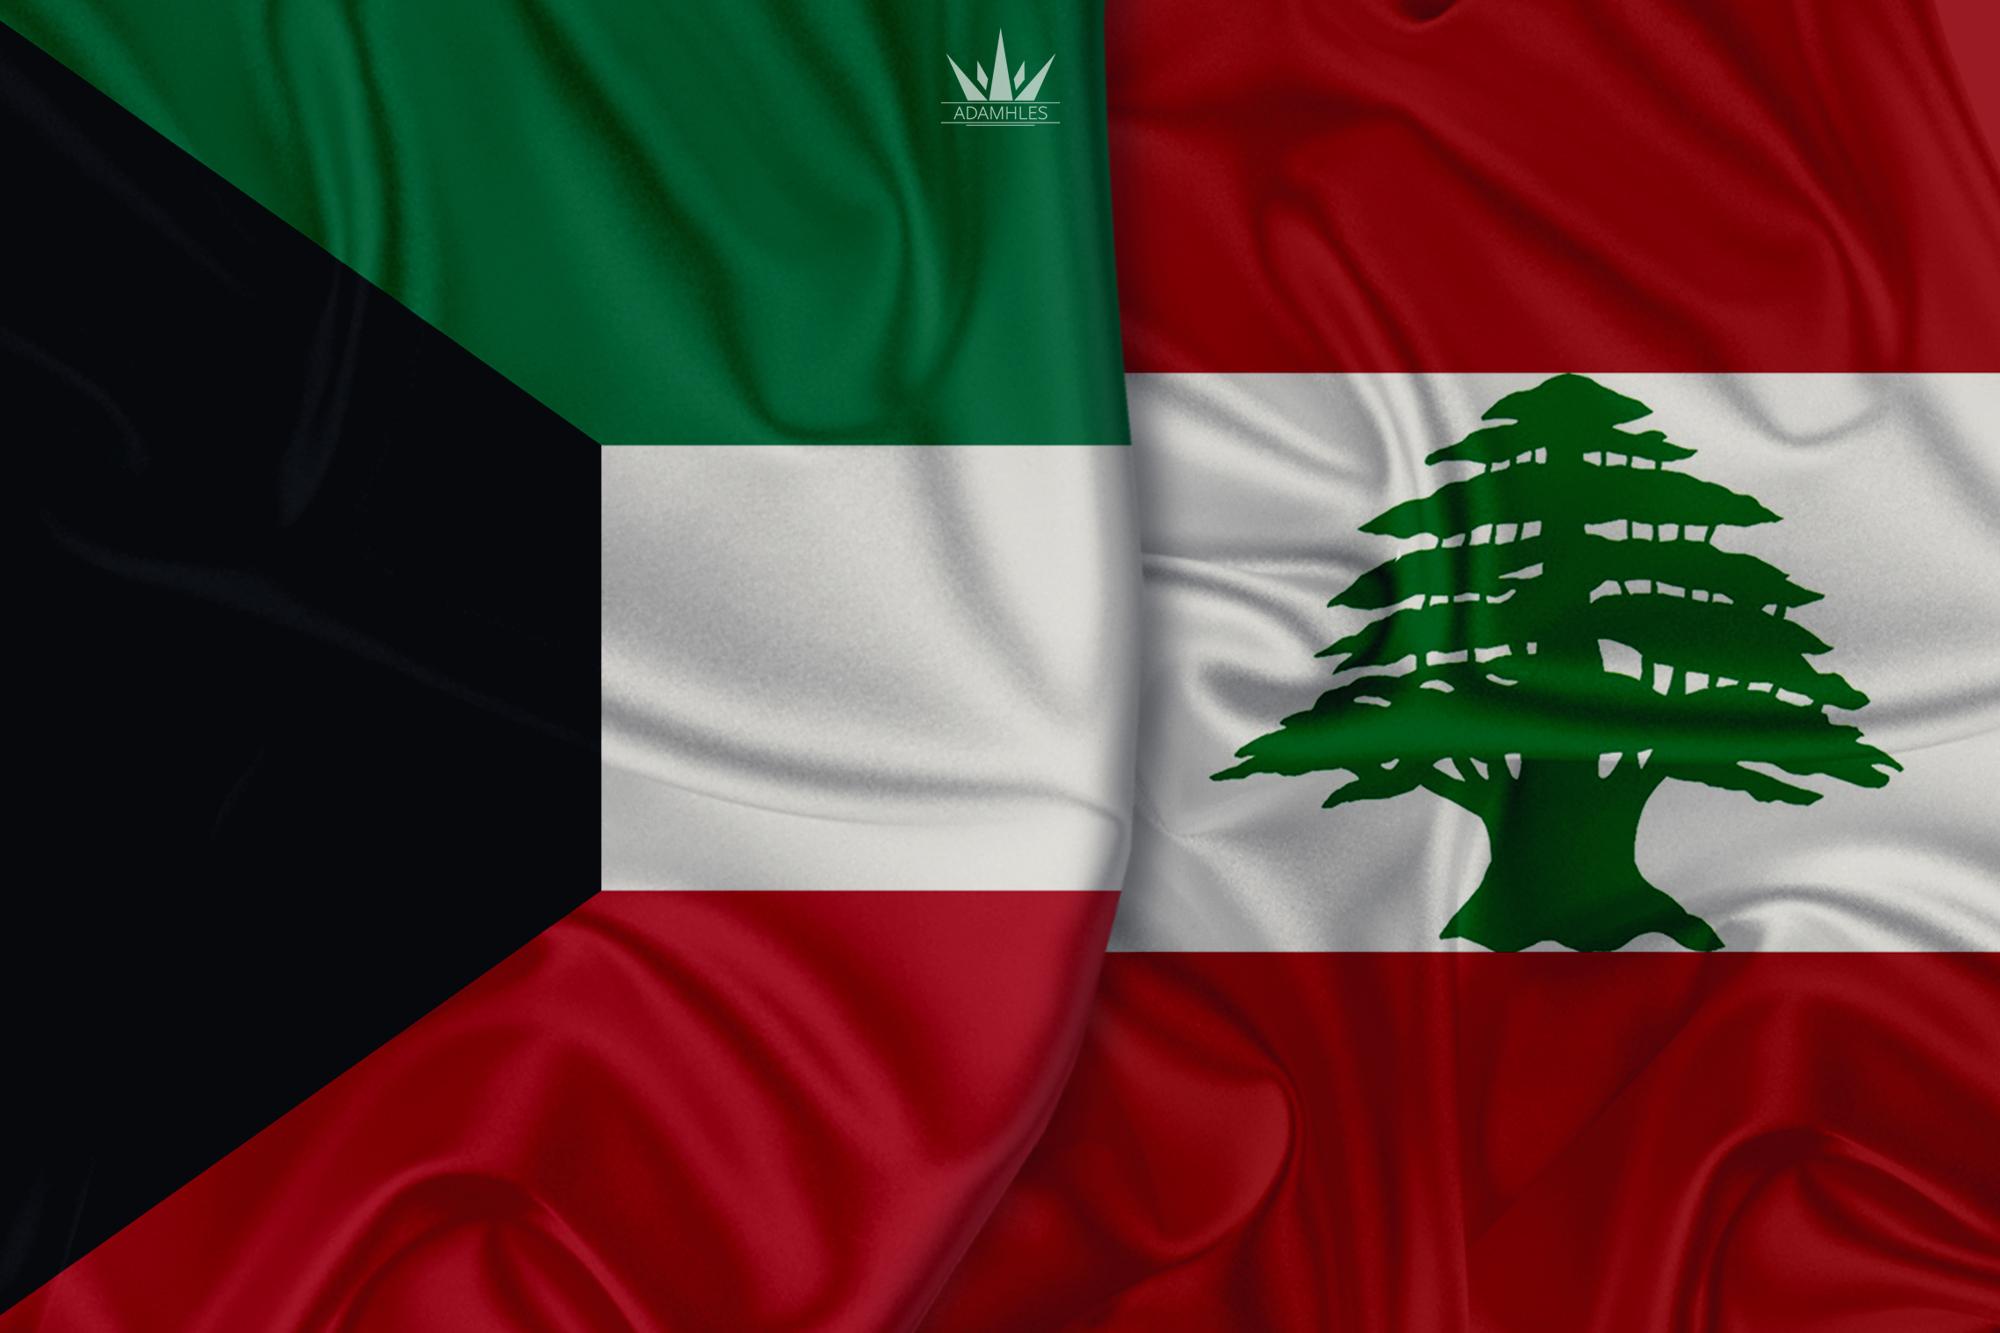 خلفية علم الكويت ولبنان اجمل خلفيات العلم البناني والعلم الكويتي Kuwait and Lebanon